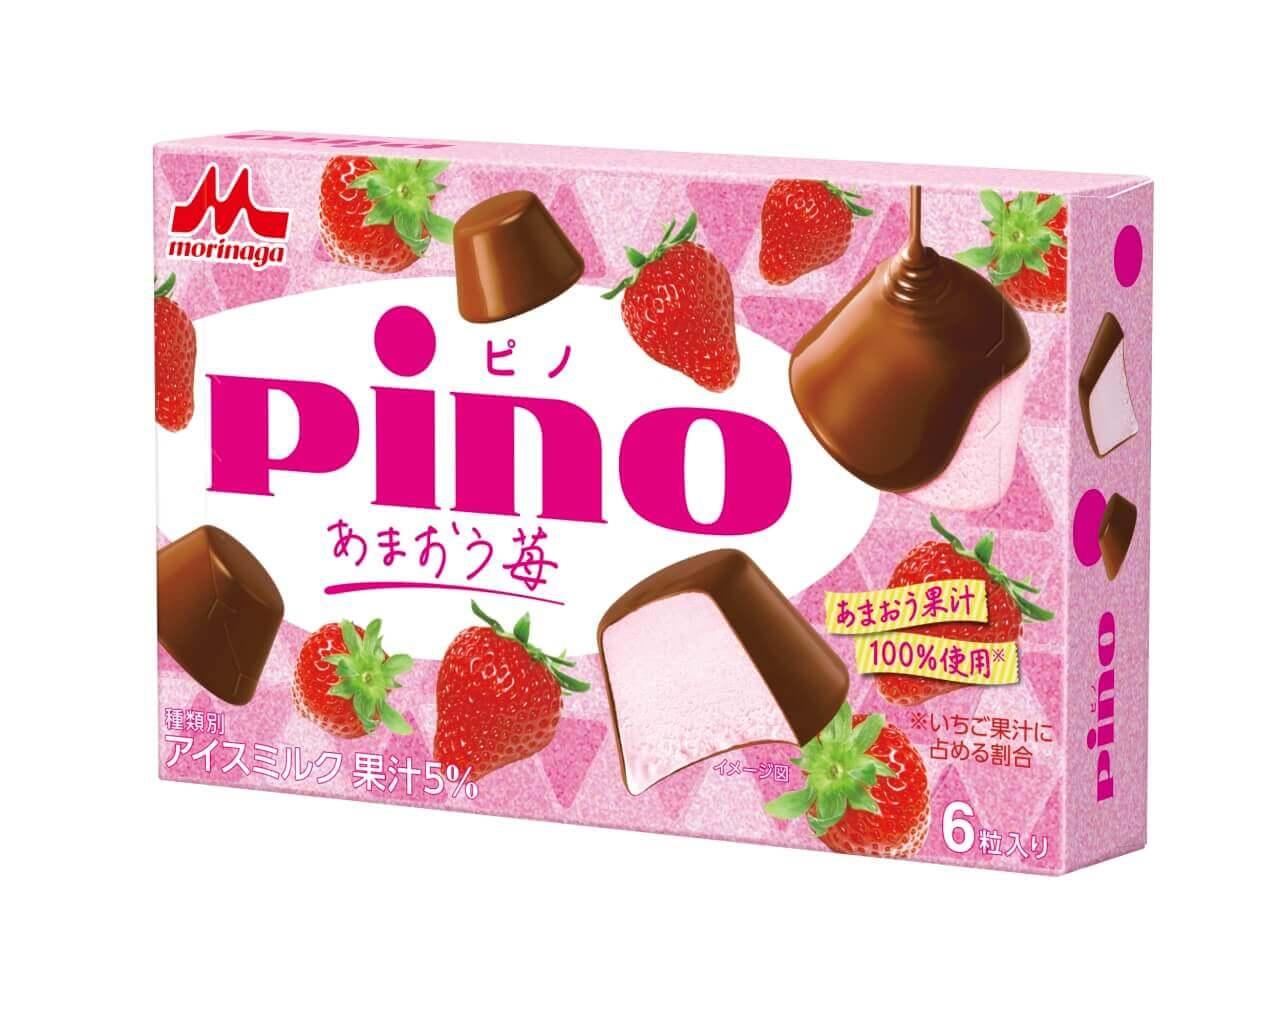 『ピノ あまおう苺』